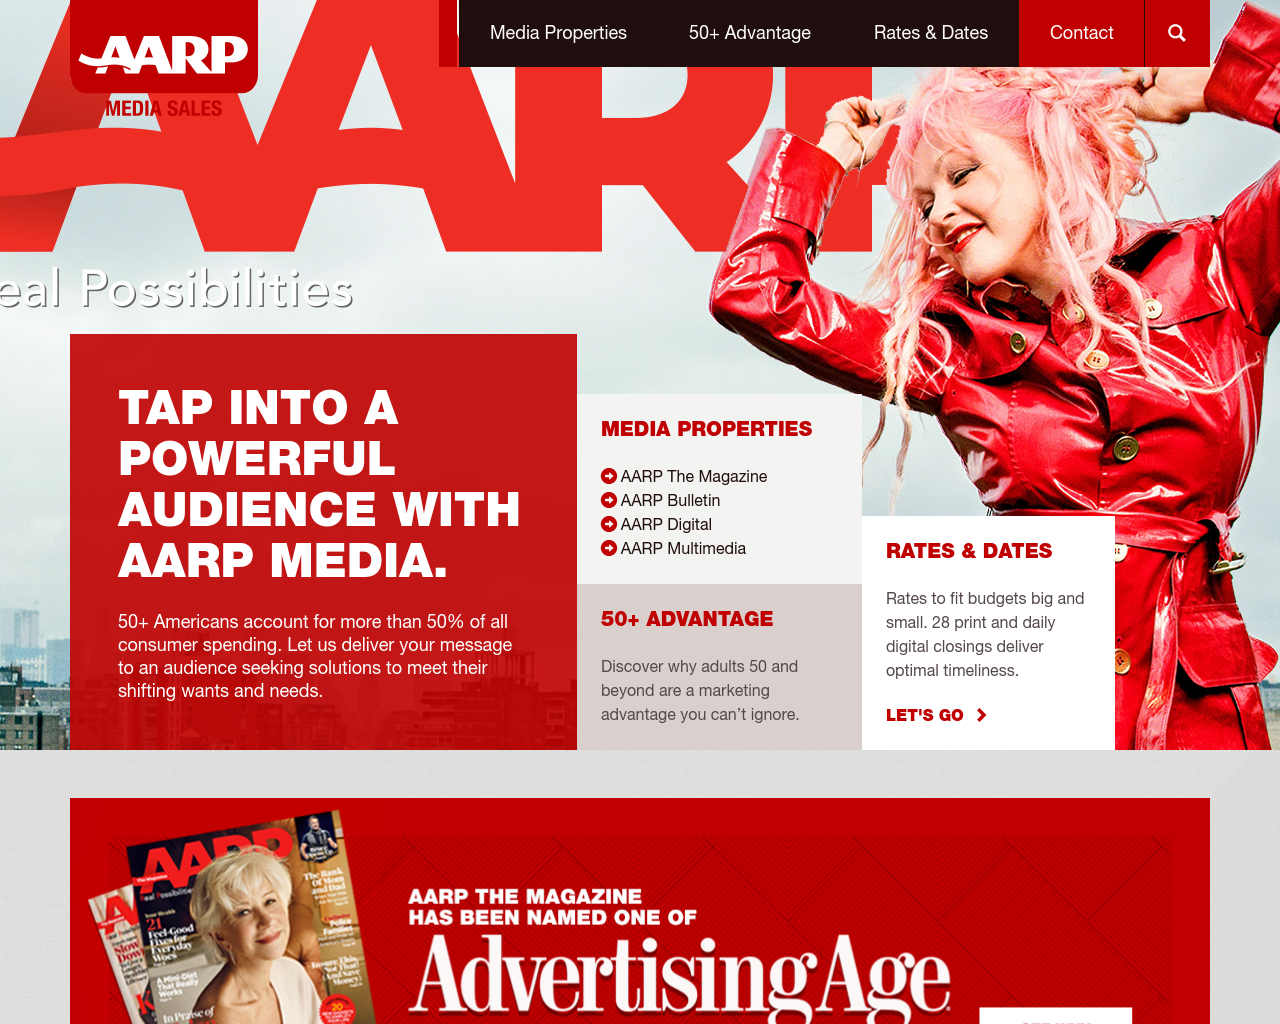 AARP-Media-Advertising-Reviews-Pricing